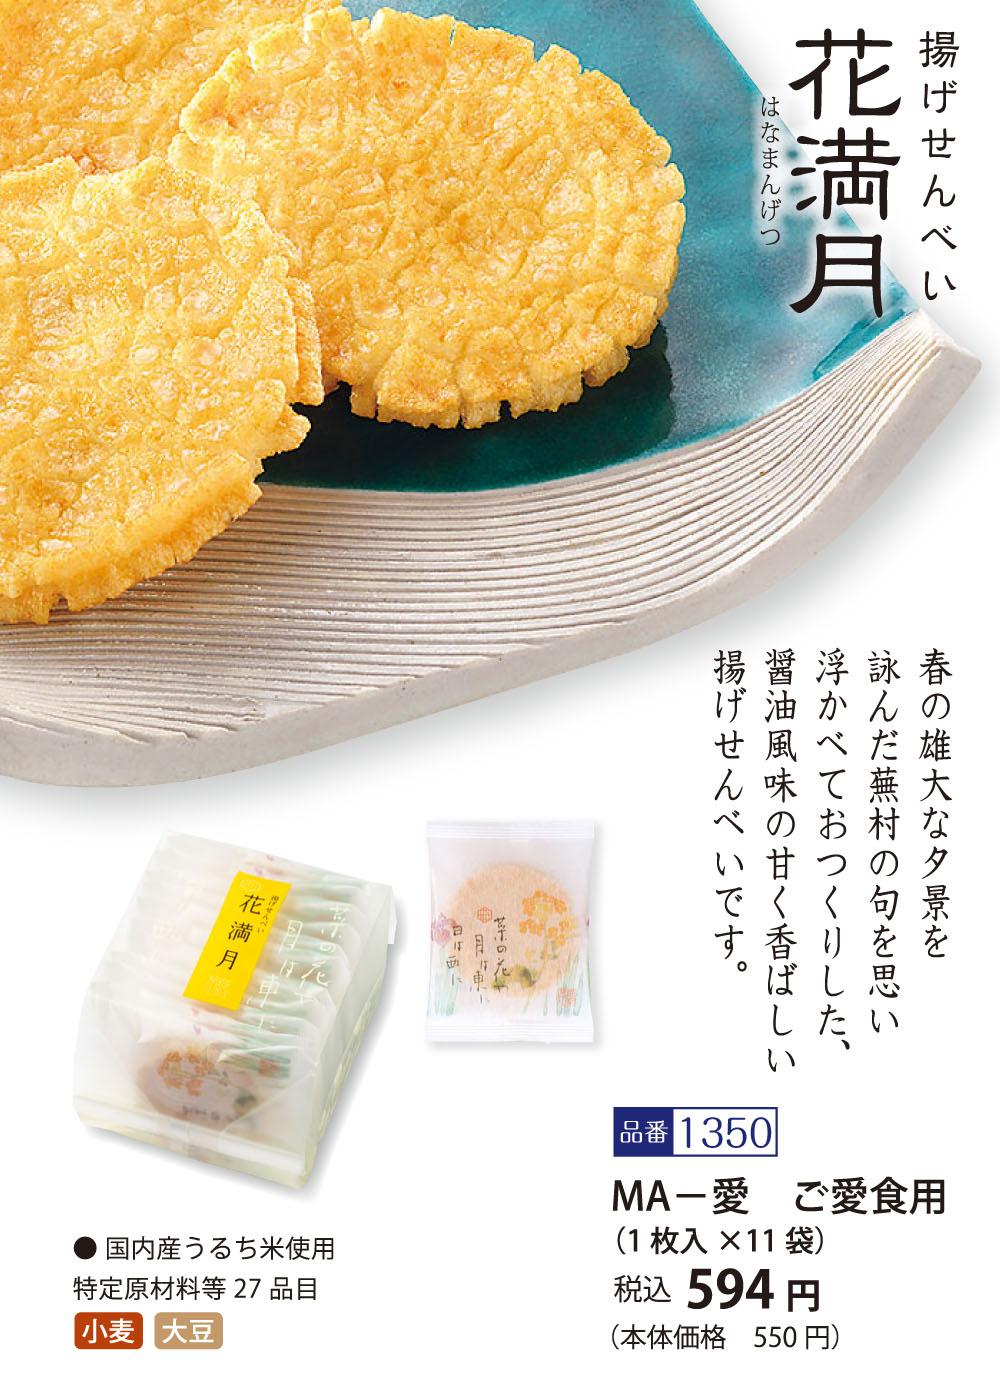 【ご愛食用袋】揚げせんべい 花満月 (1枚入×11袋)